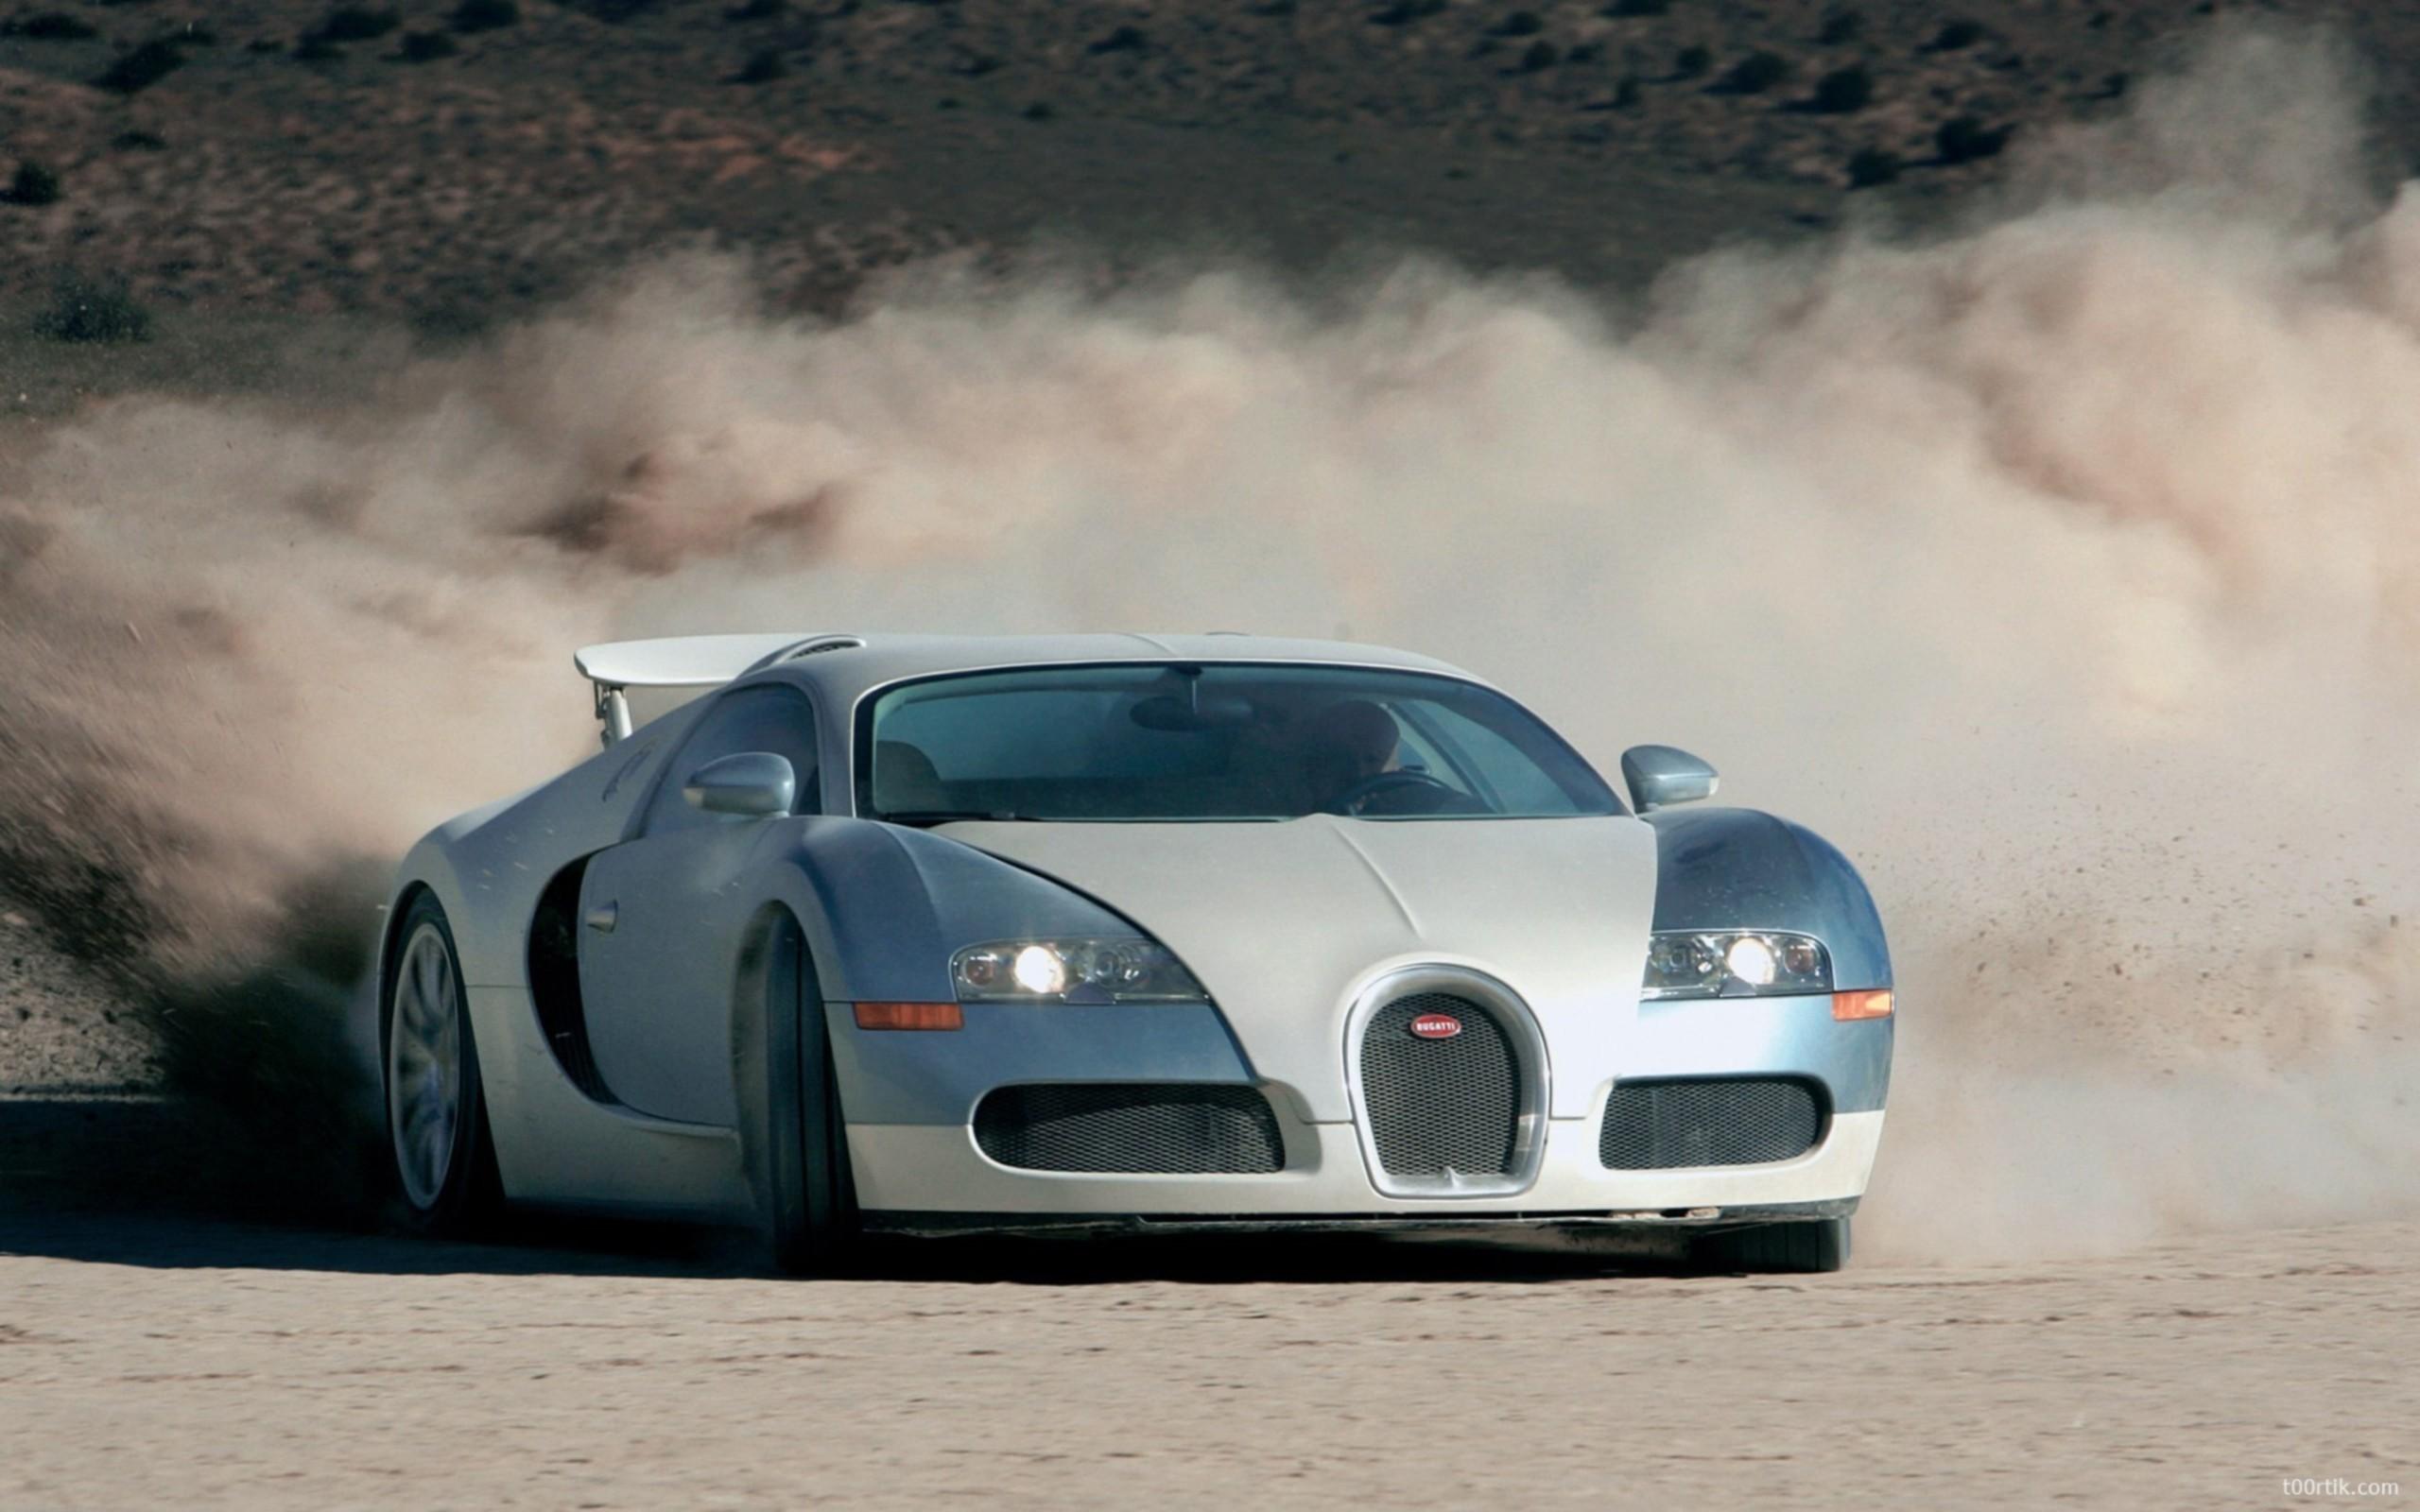 Сердечка, крутые машины картинки с названиями